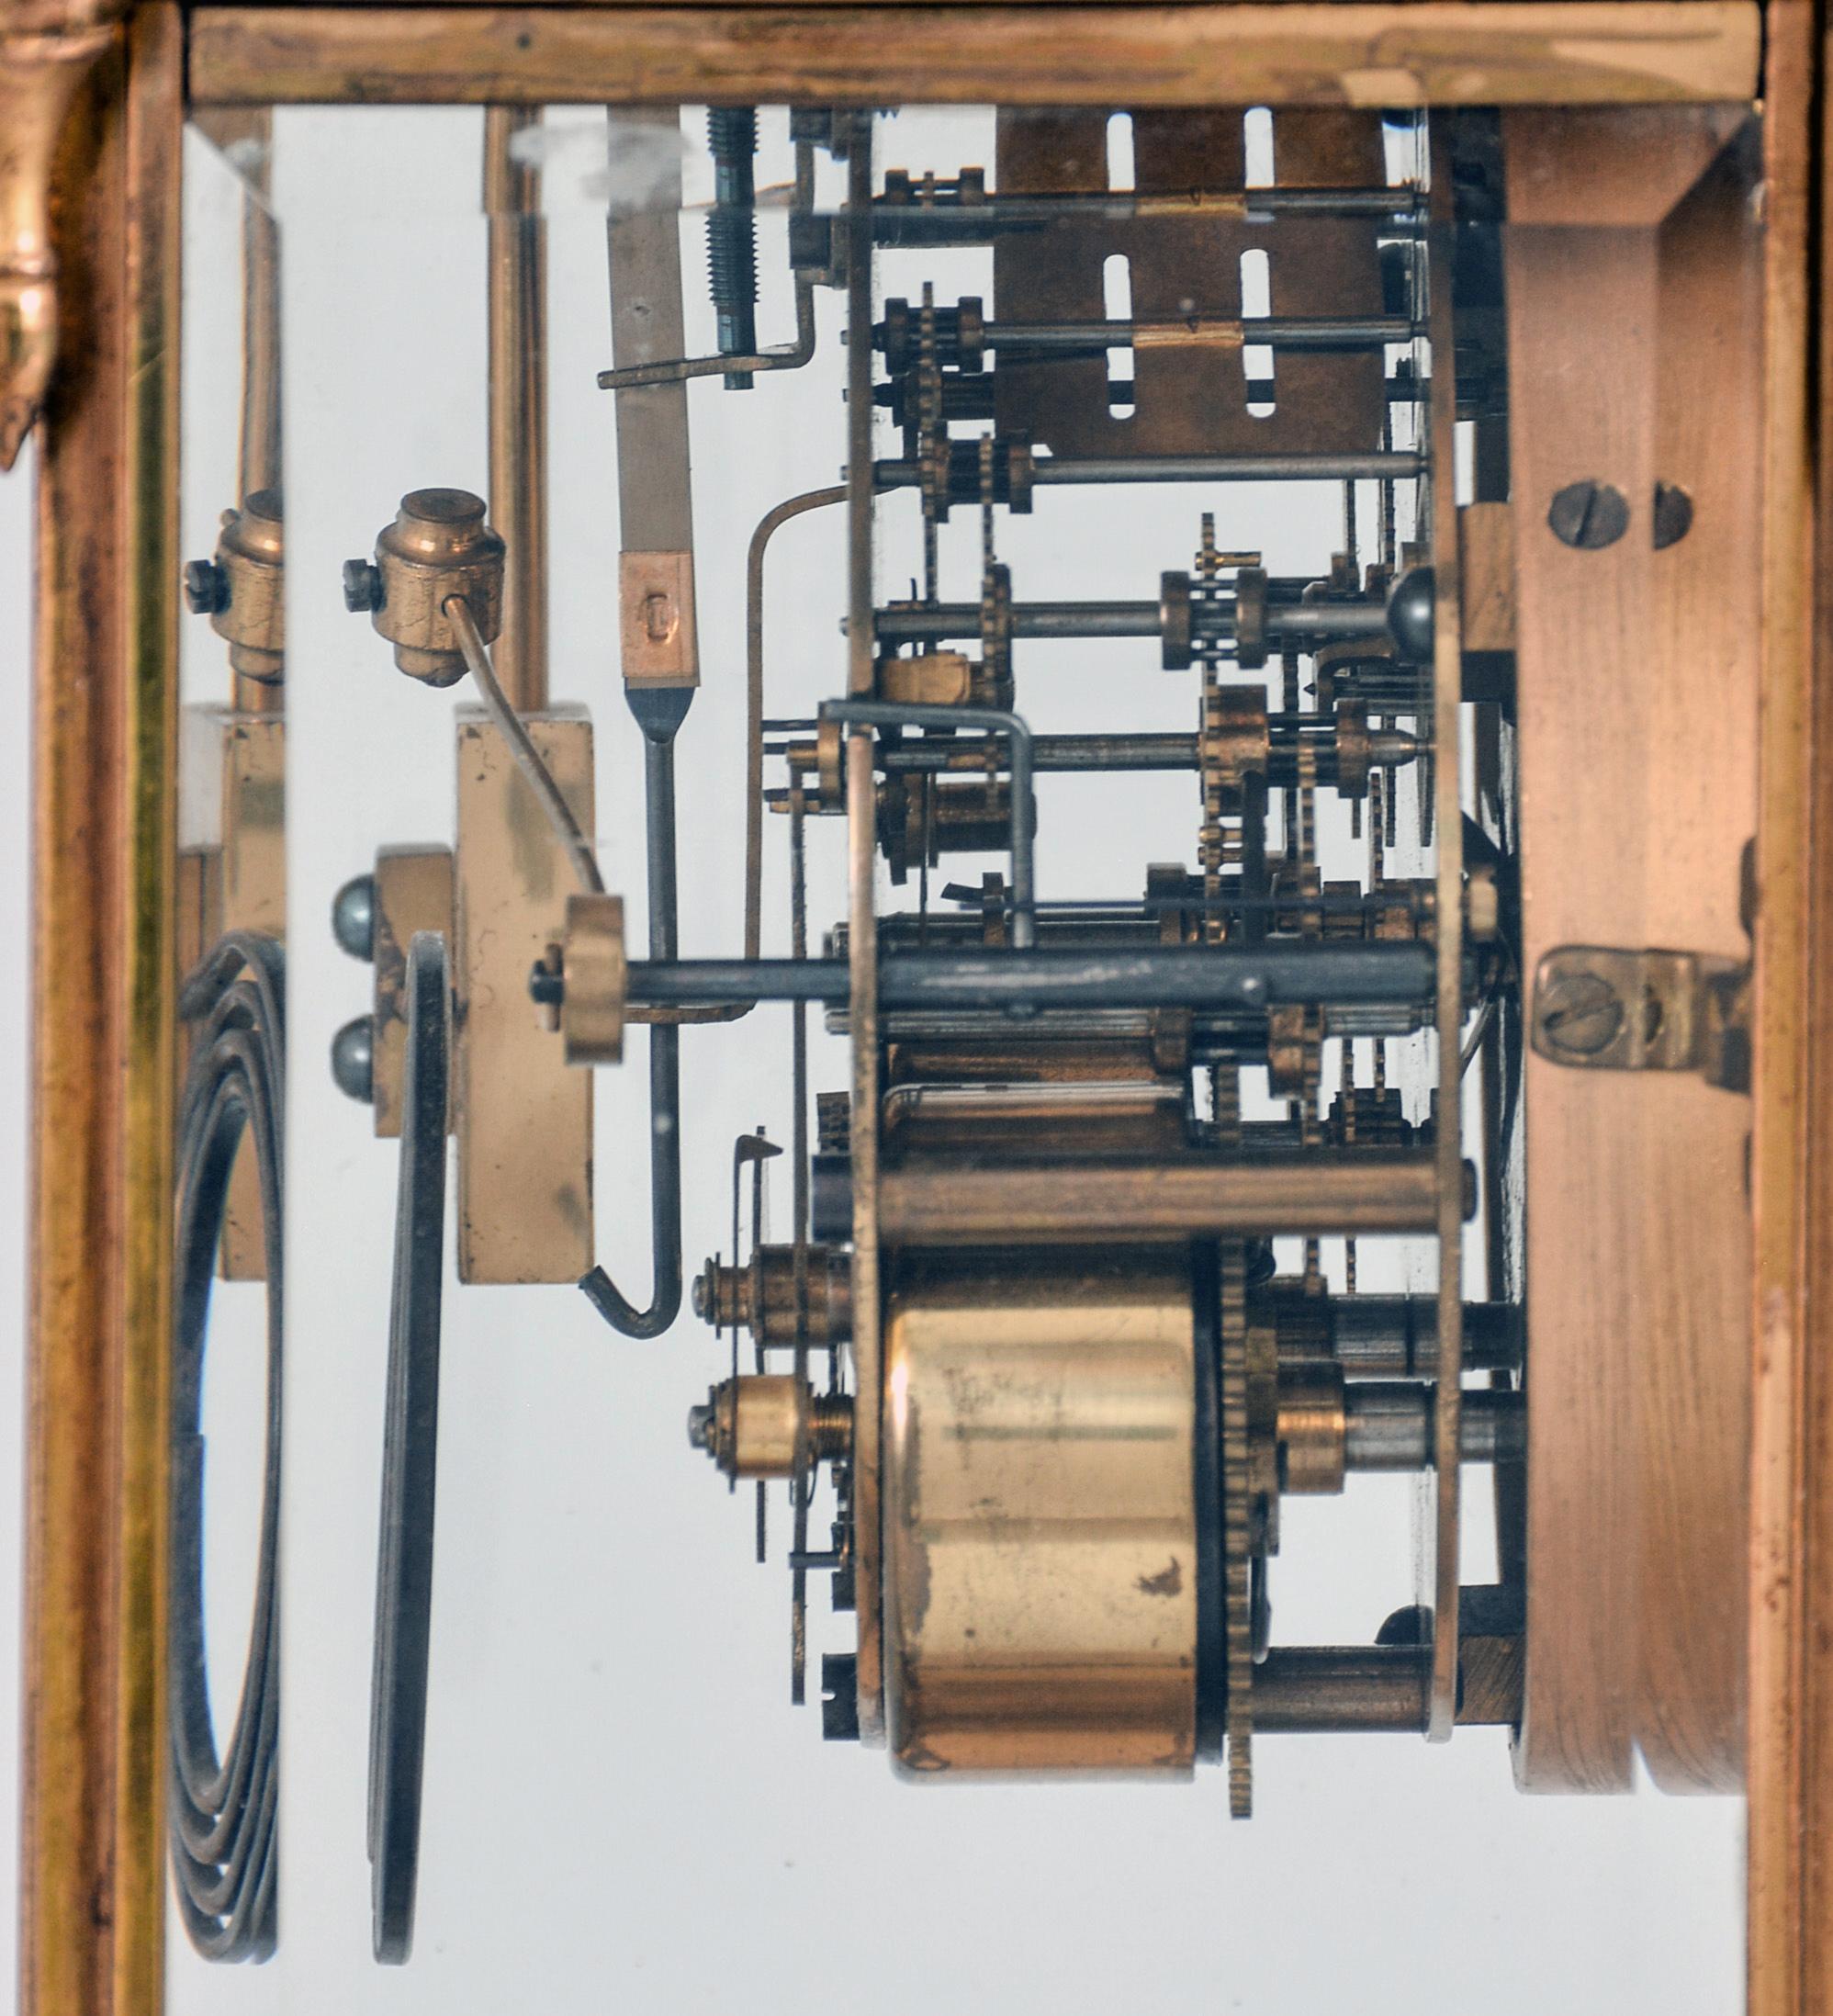 19024_06.jpg